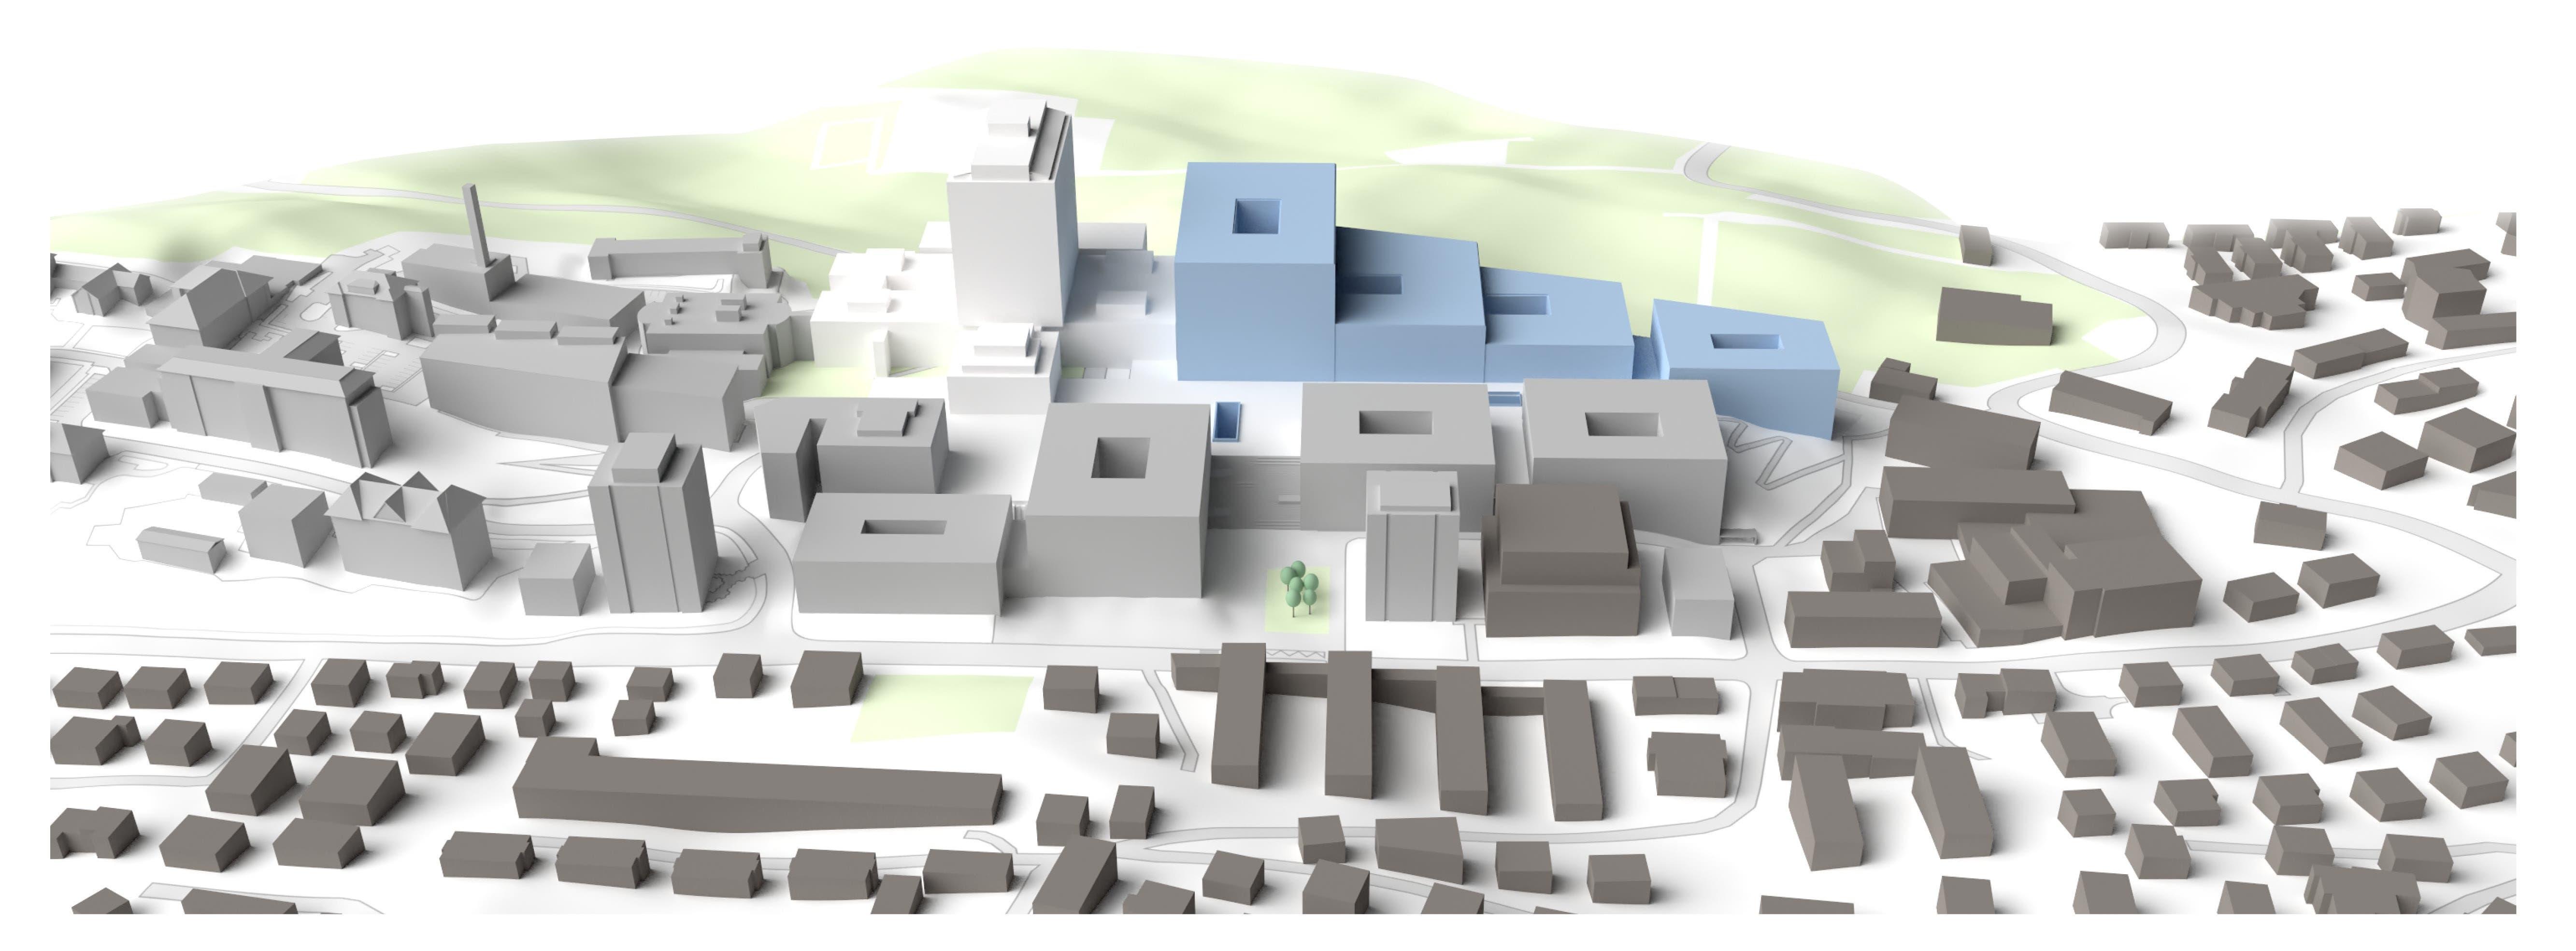 Bauphase 3: Das Spitalzentrum im Hochhaus aus dem Jahr 1982 (weiss) wird rückgebaut. Nebenan entsteht ein Neubaukomplex. Im Ergeschoss und im Obergeschoss sind alle Baufelder zusammengebaut, womit eine zentrale Einheit für OPs, Diagnostik und weiteres entsteht.